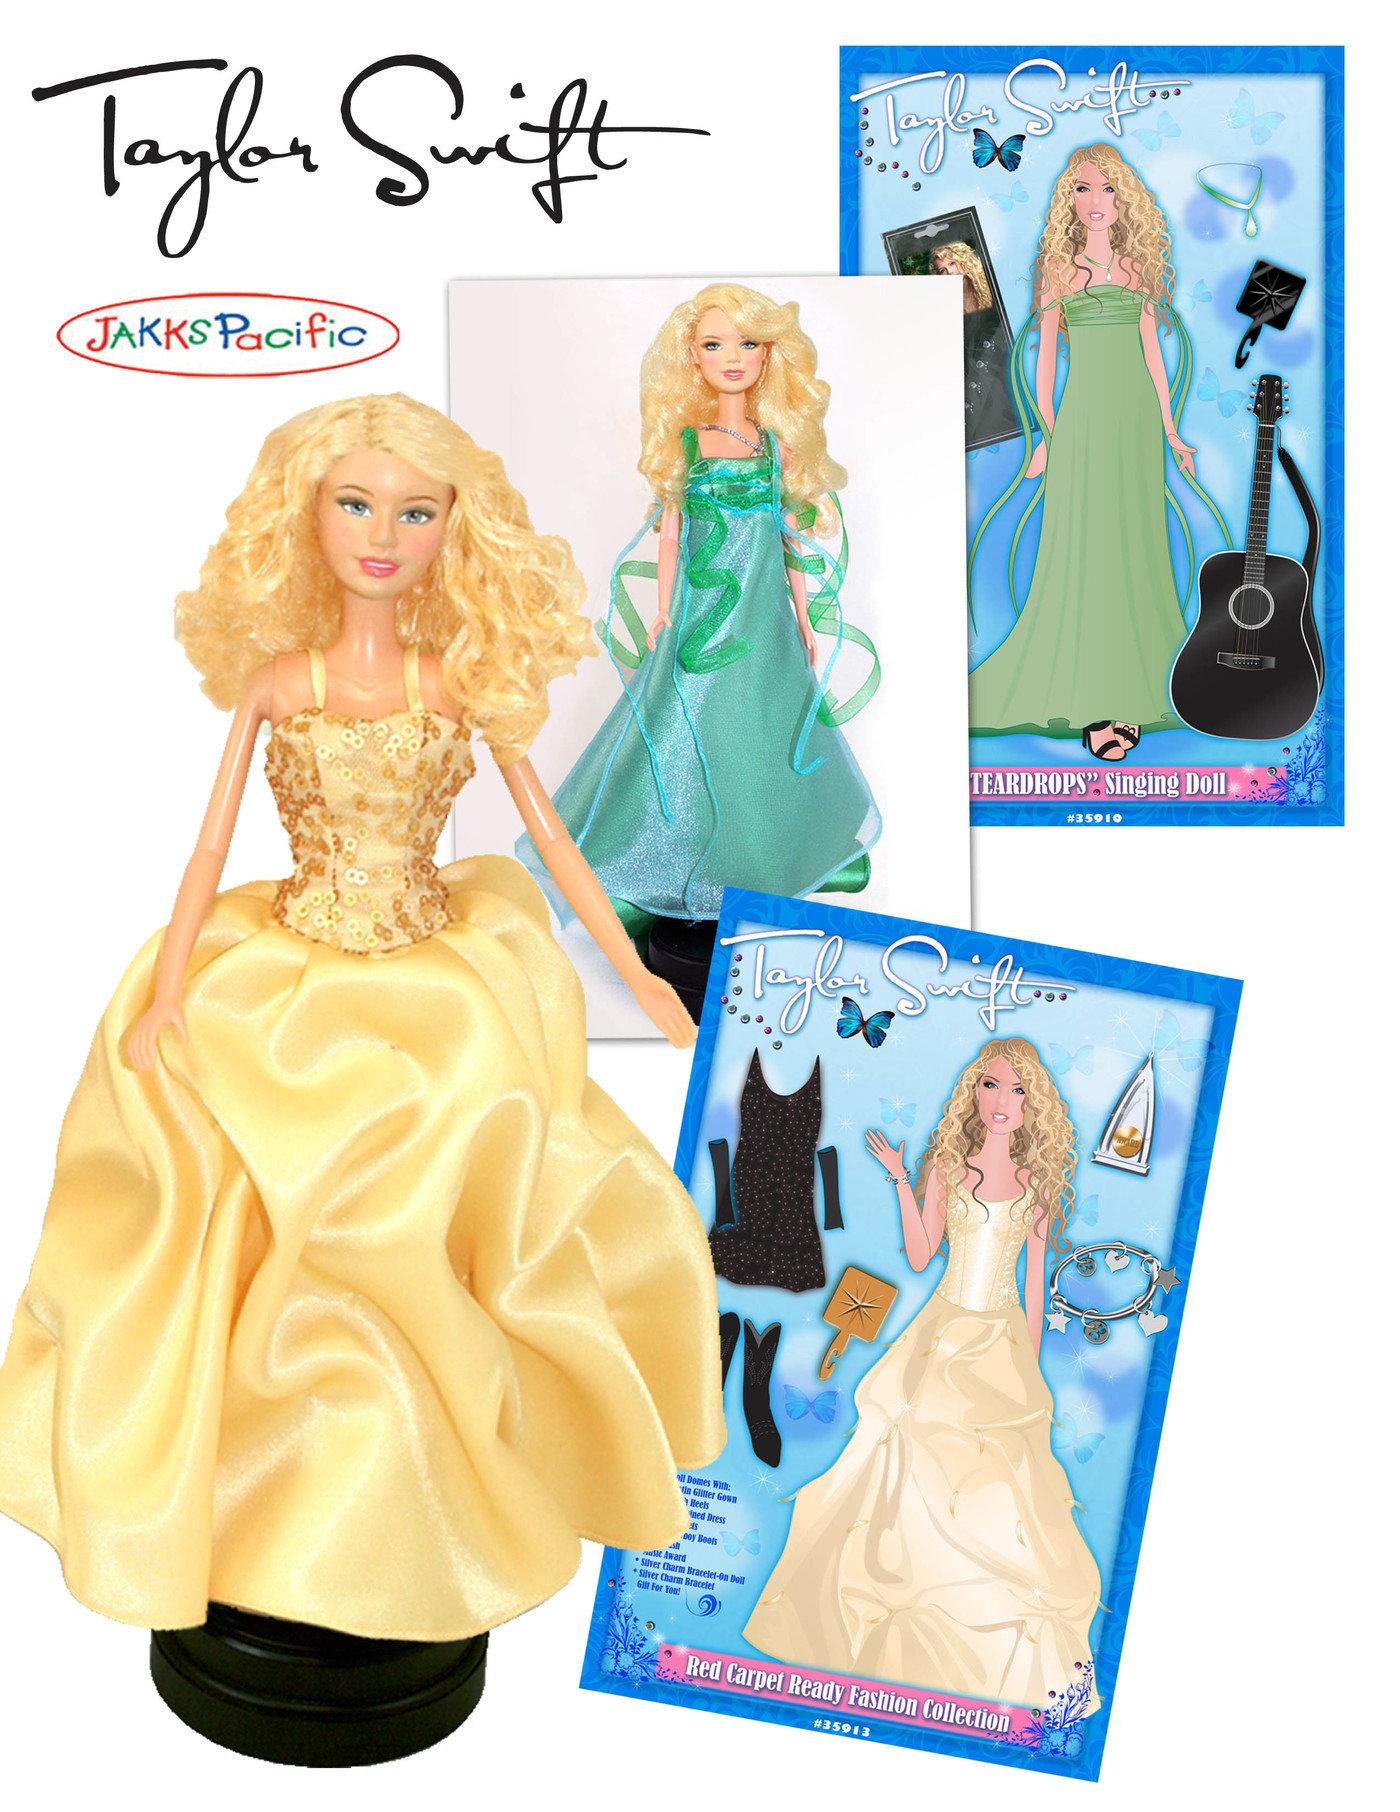 Taylor Swift Fashion Doll By Mario Gesualdi At Coroflot Com